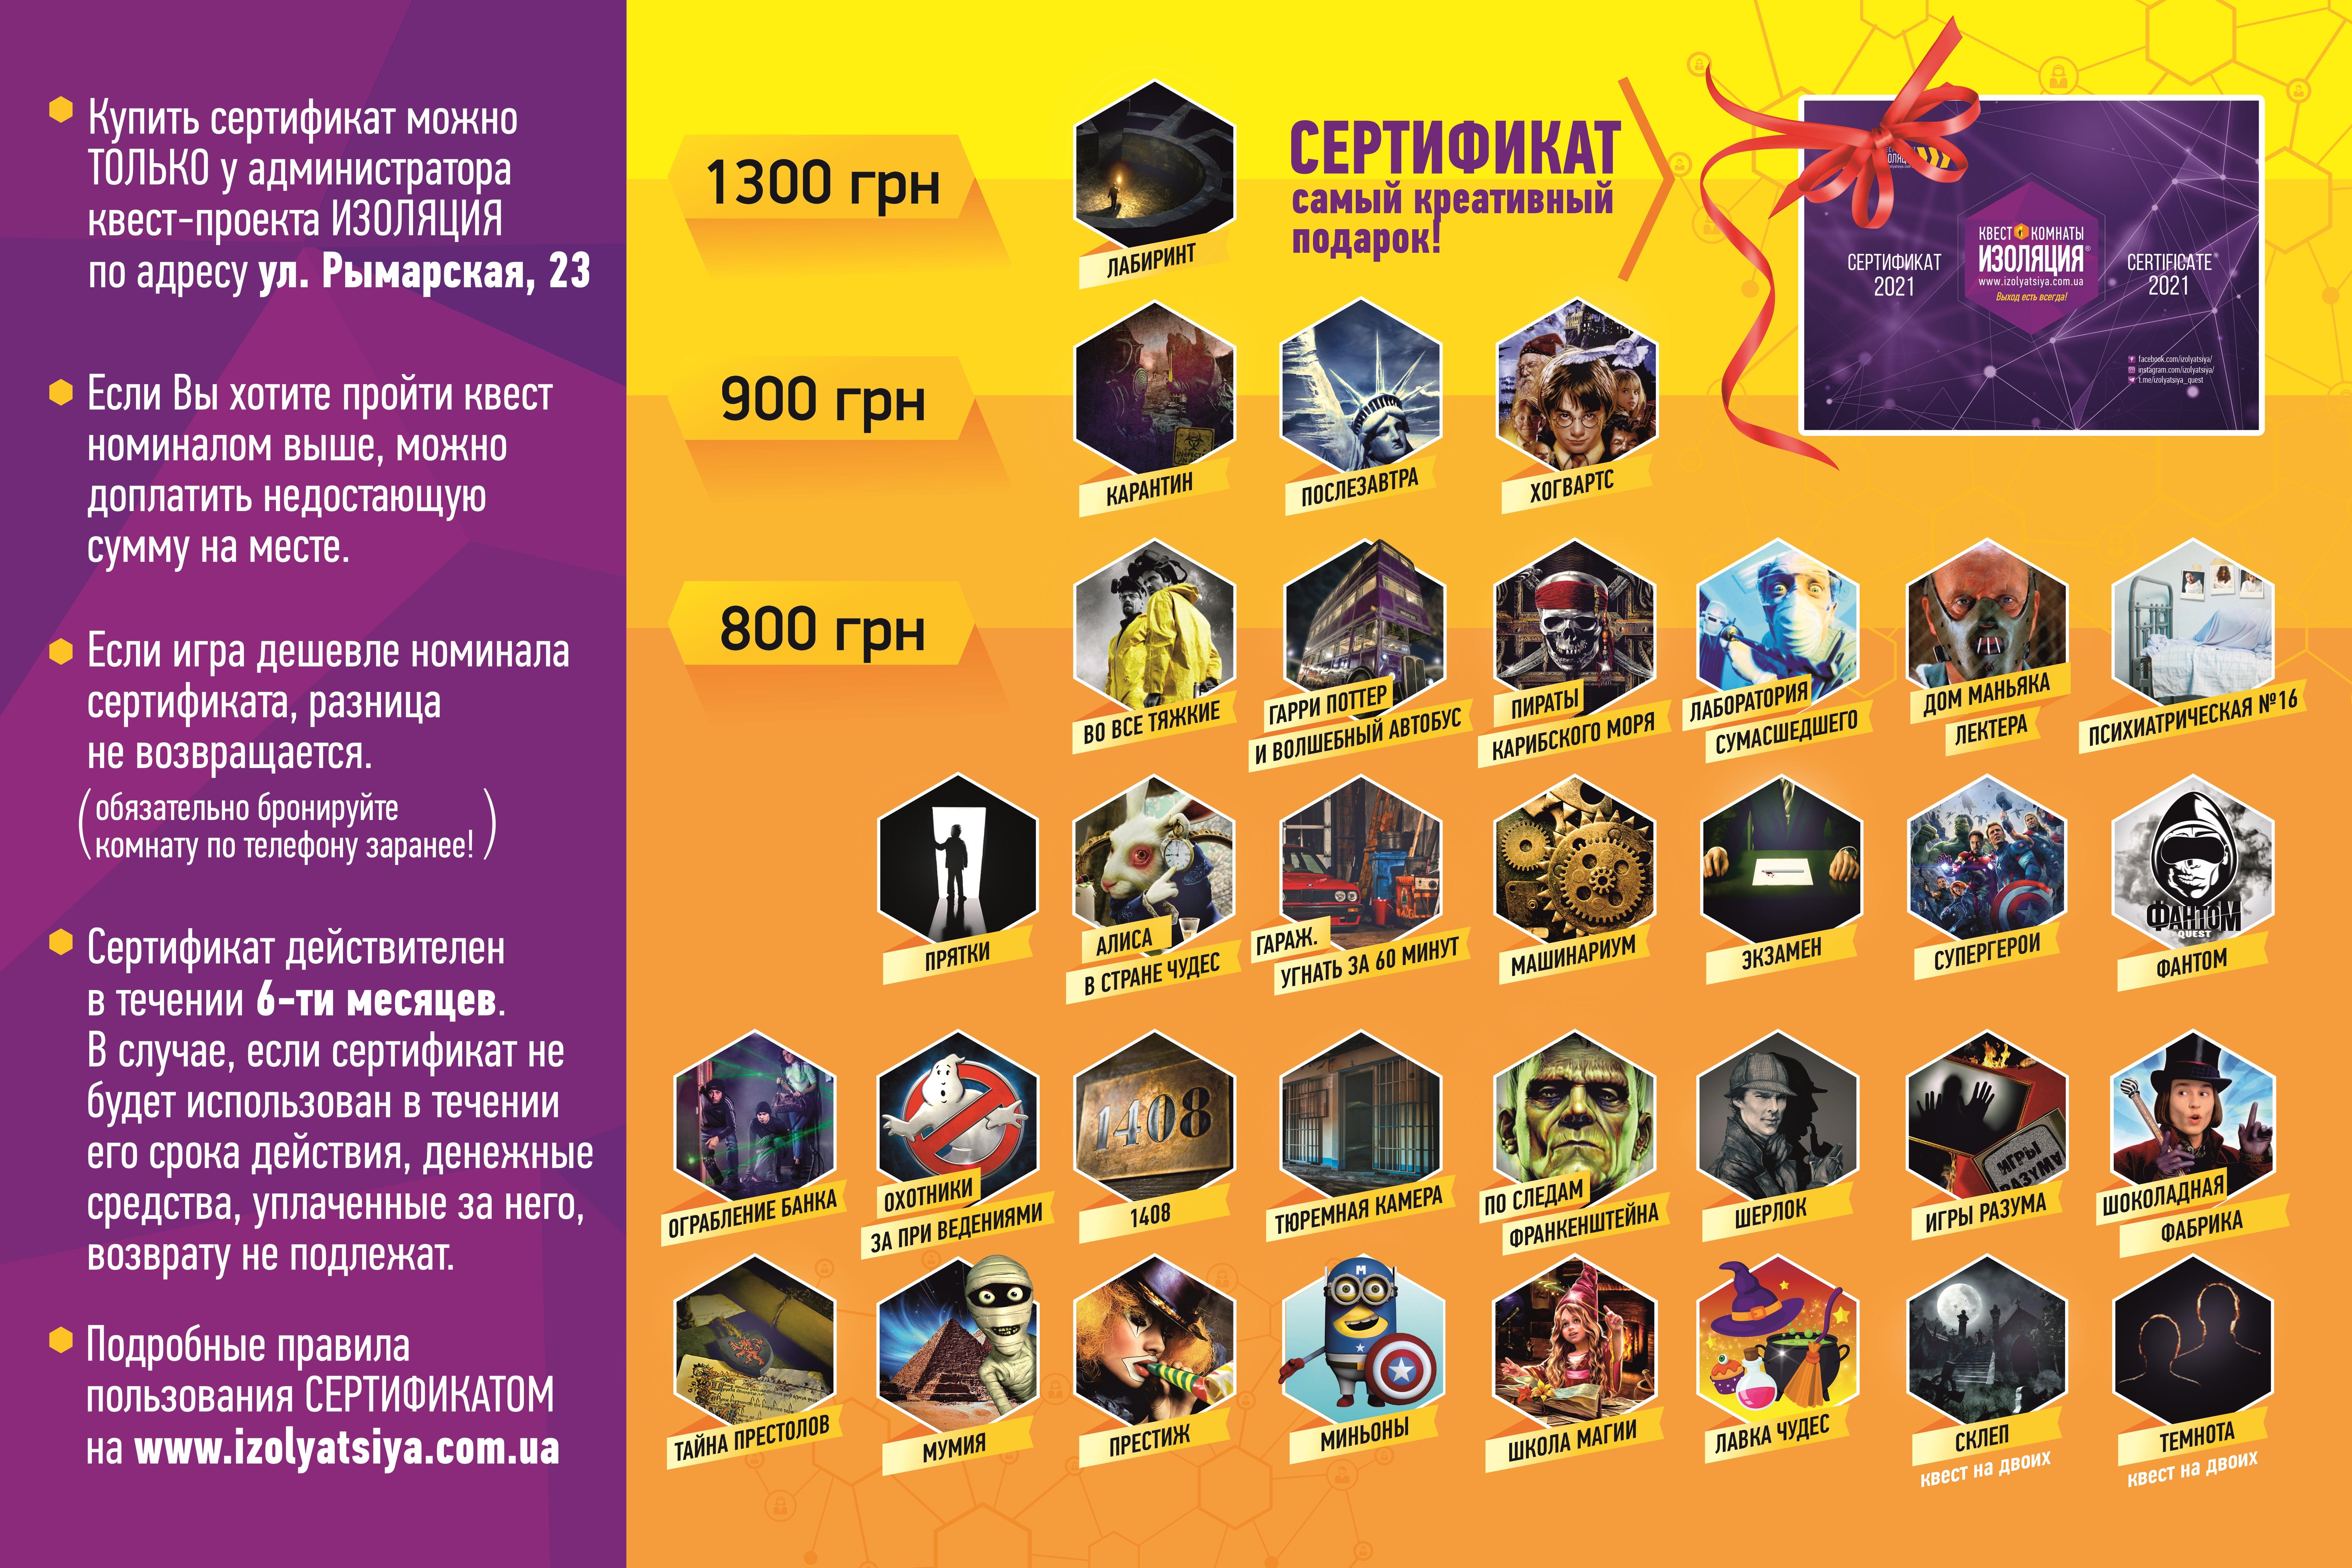 600kh900__Usloviya-SERTIFIKATA__02_2021_ Сертифікат